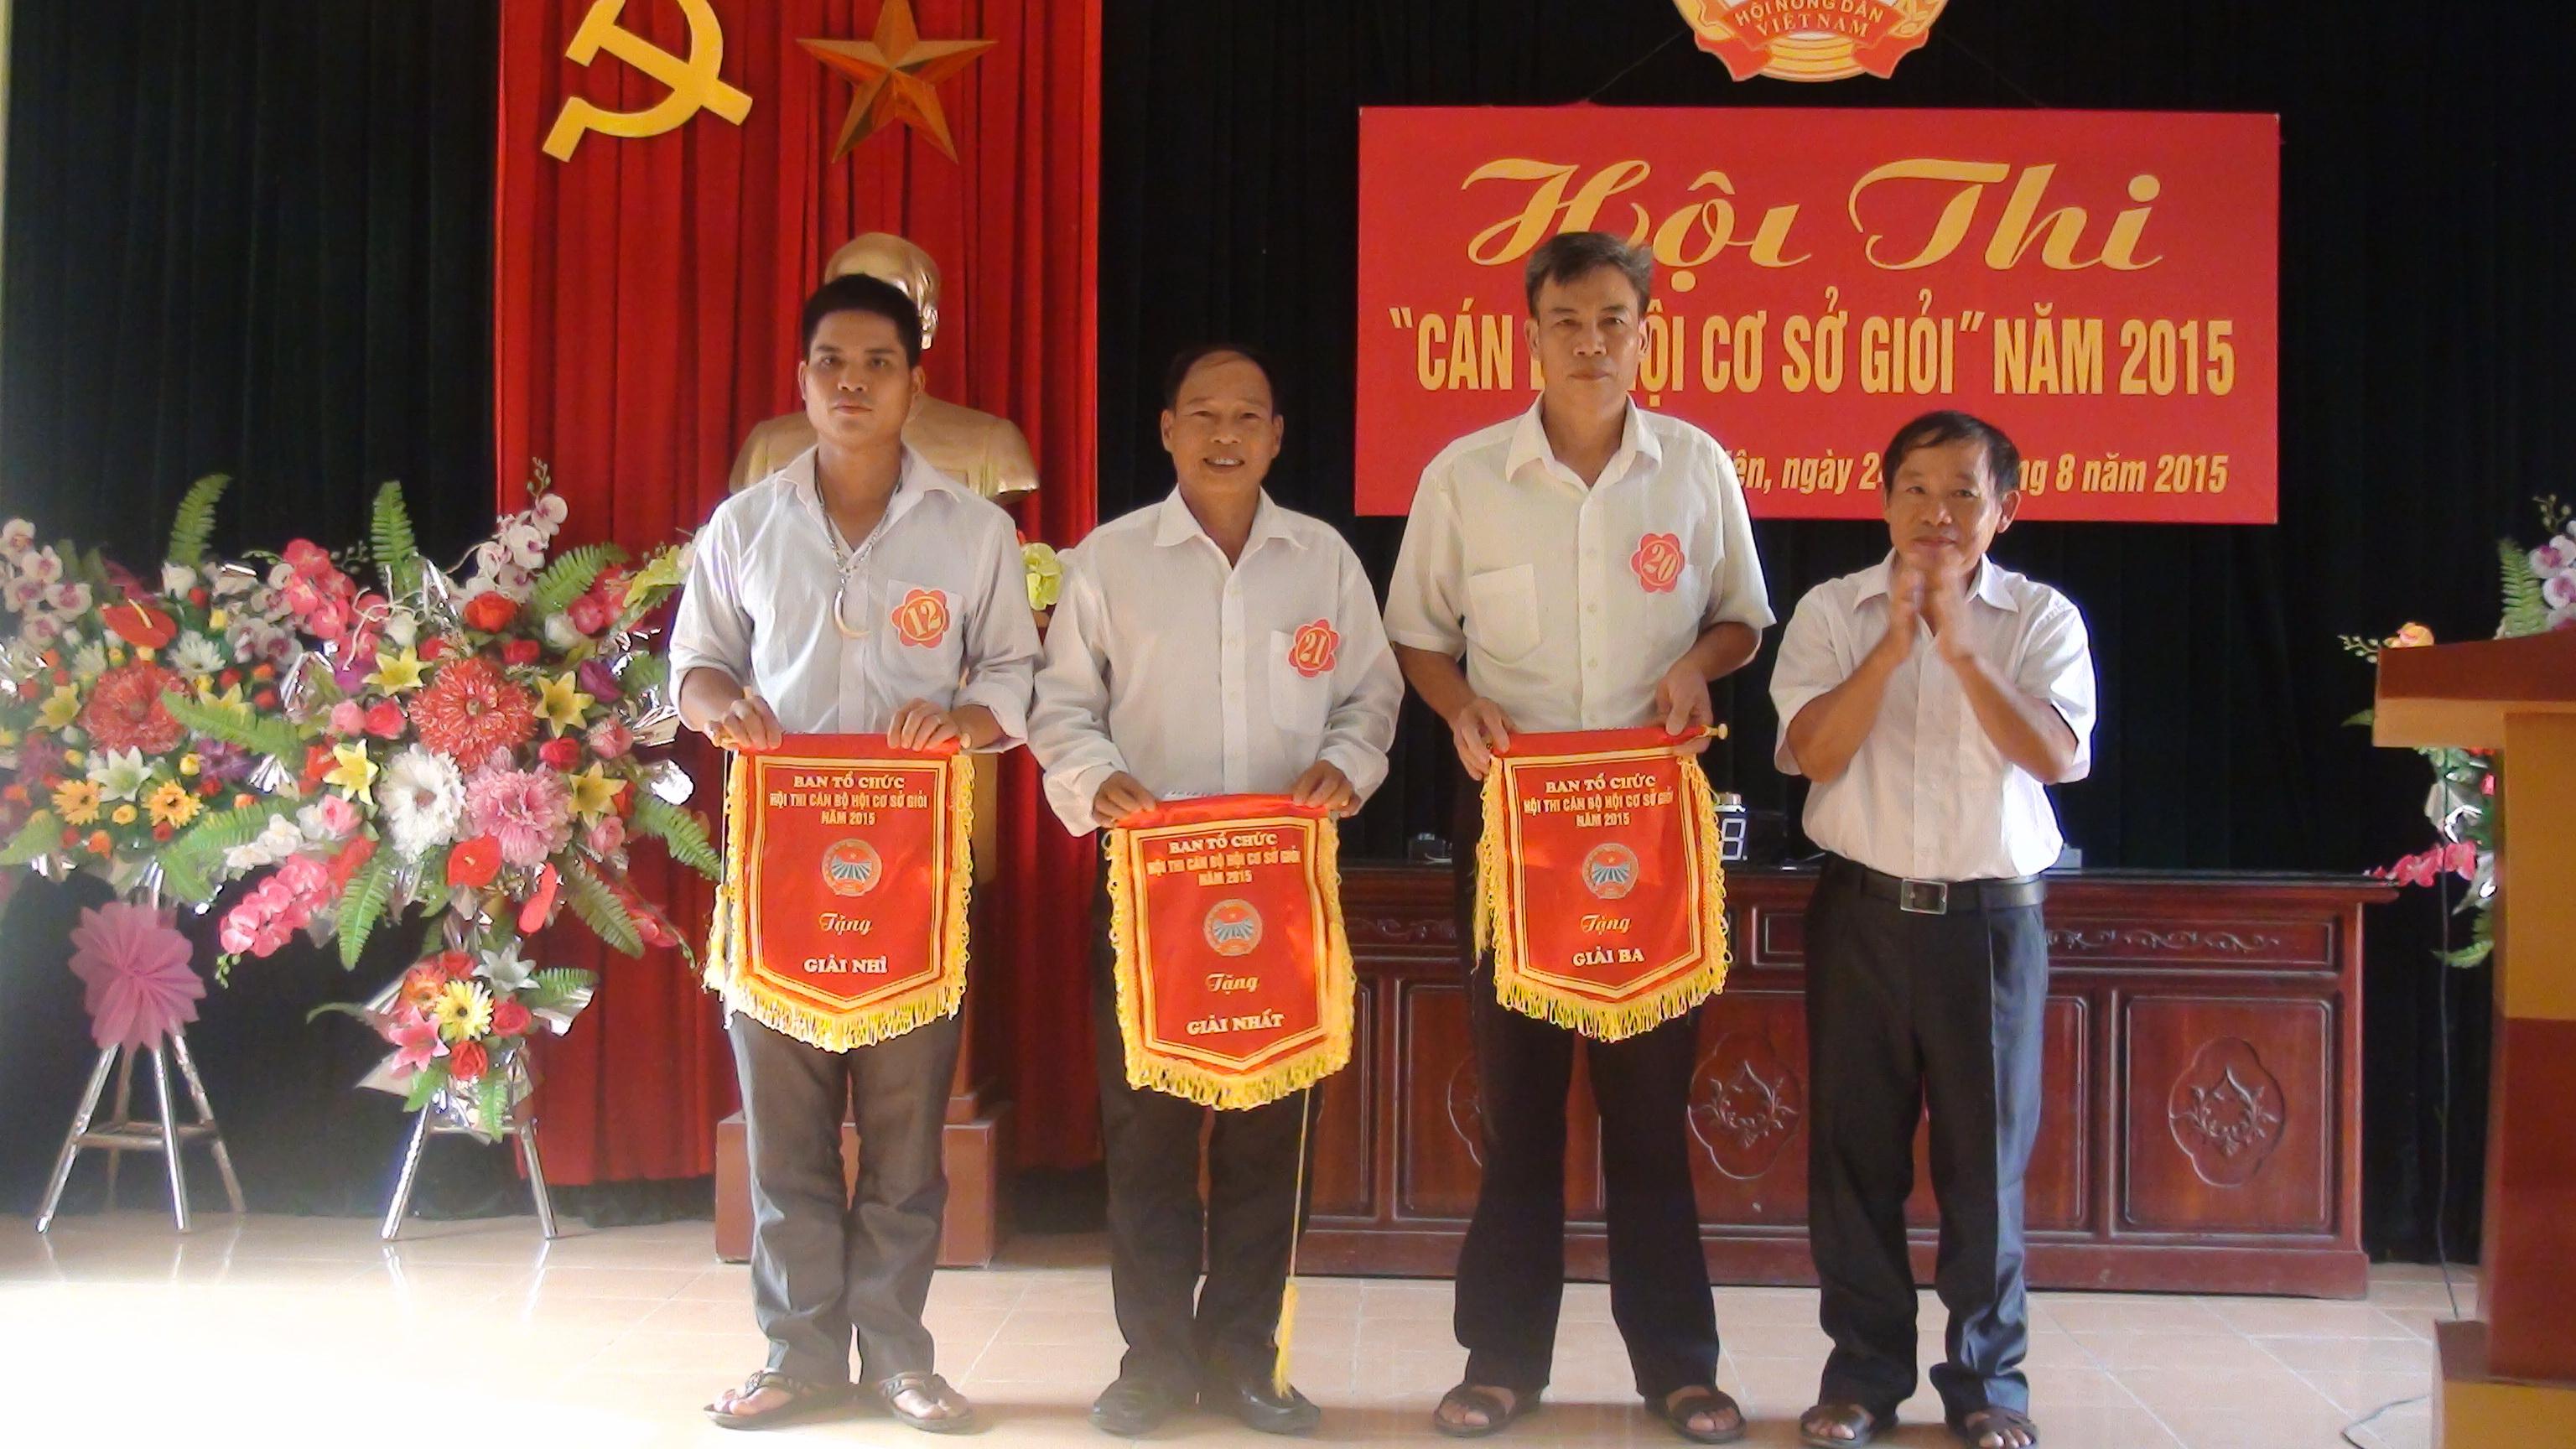 Hội thi  cán bộ Hội nông dân cơ sở giỏi huyện Lục Yên:  Nâng cao nghiệp vụ cho cán bộ Hội